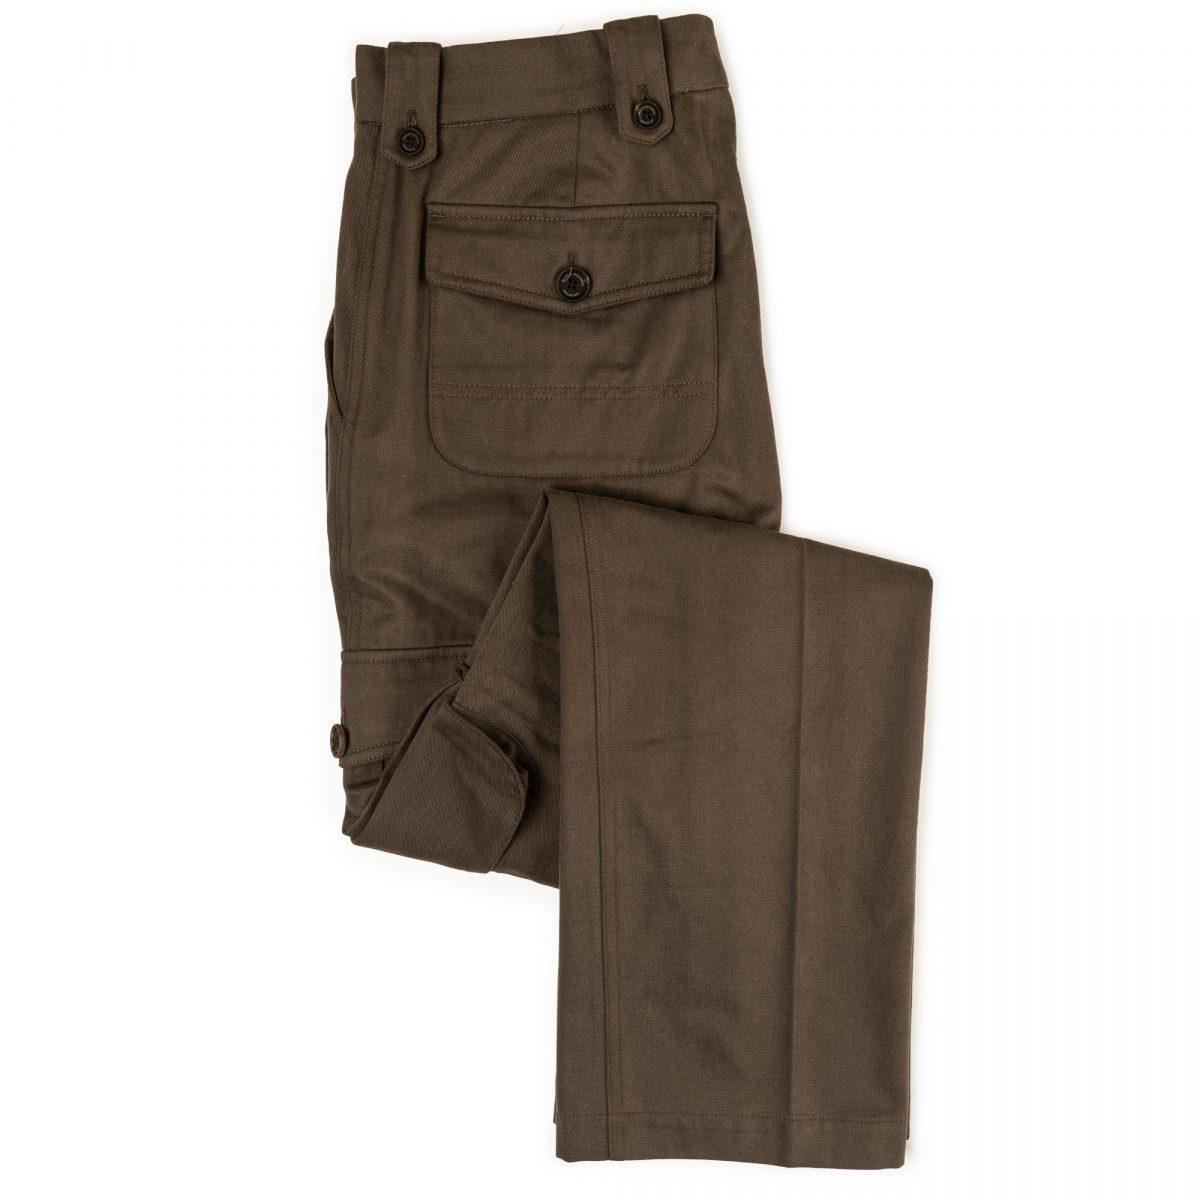 safari_trousers-1641-edit